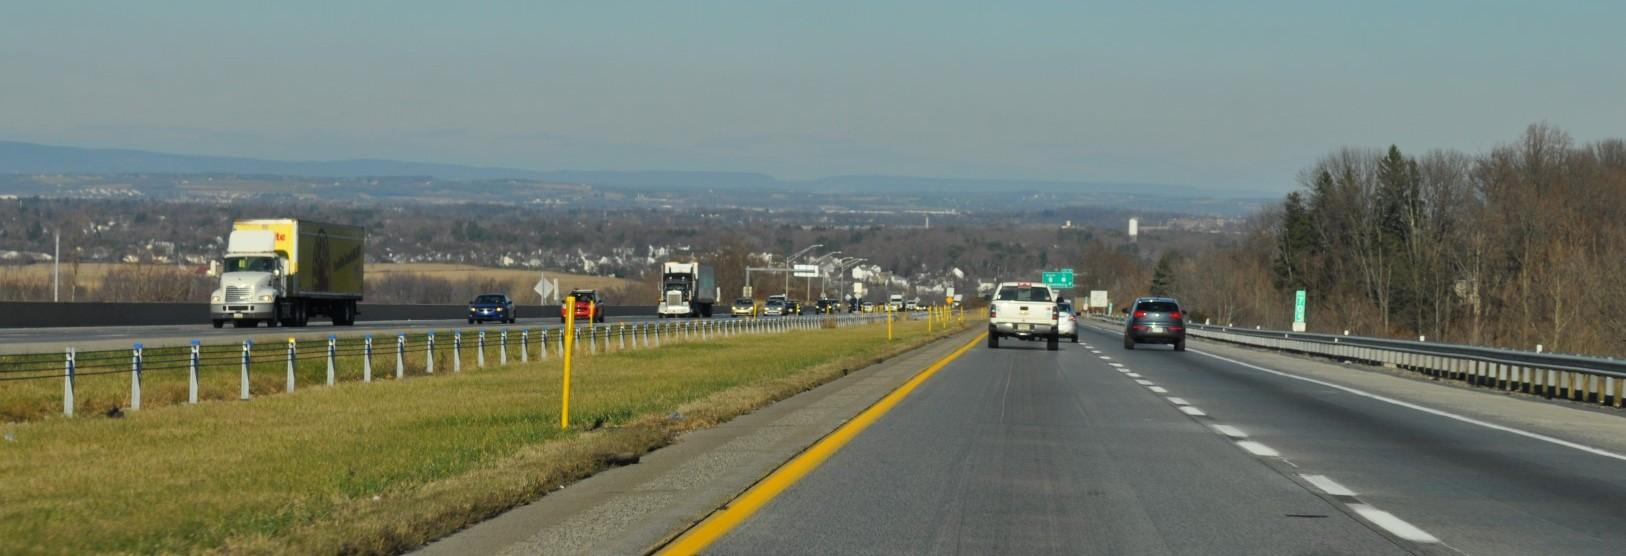 Harrisburg Airport Rental Car Return